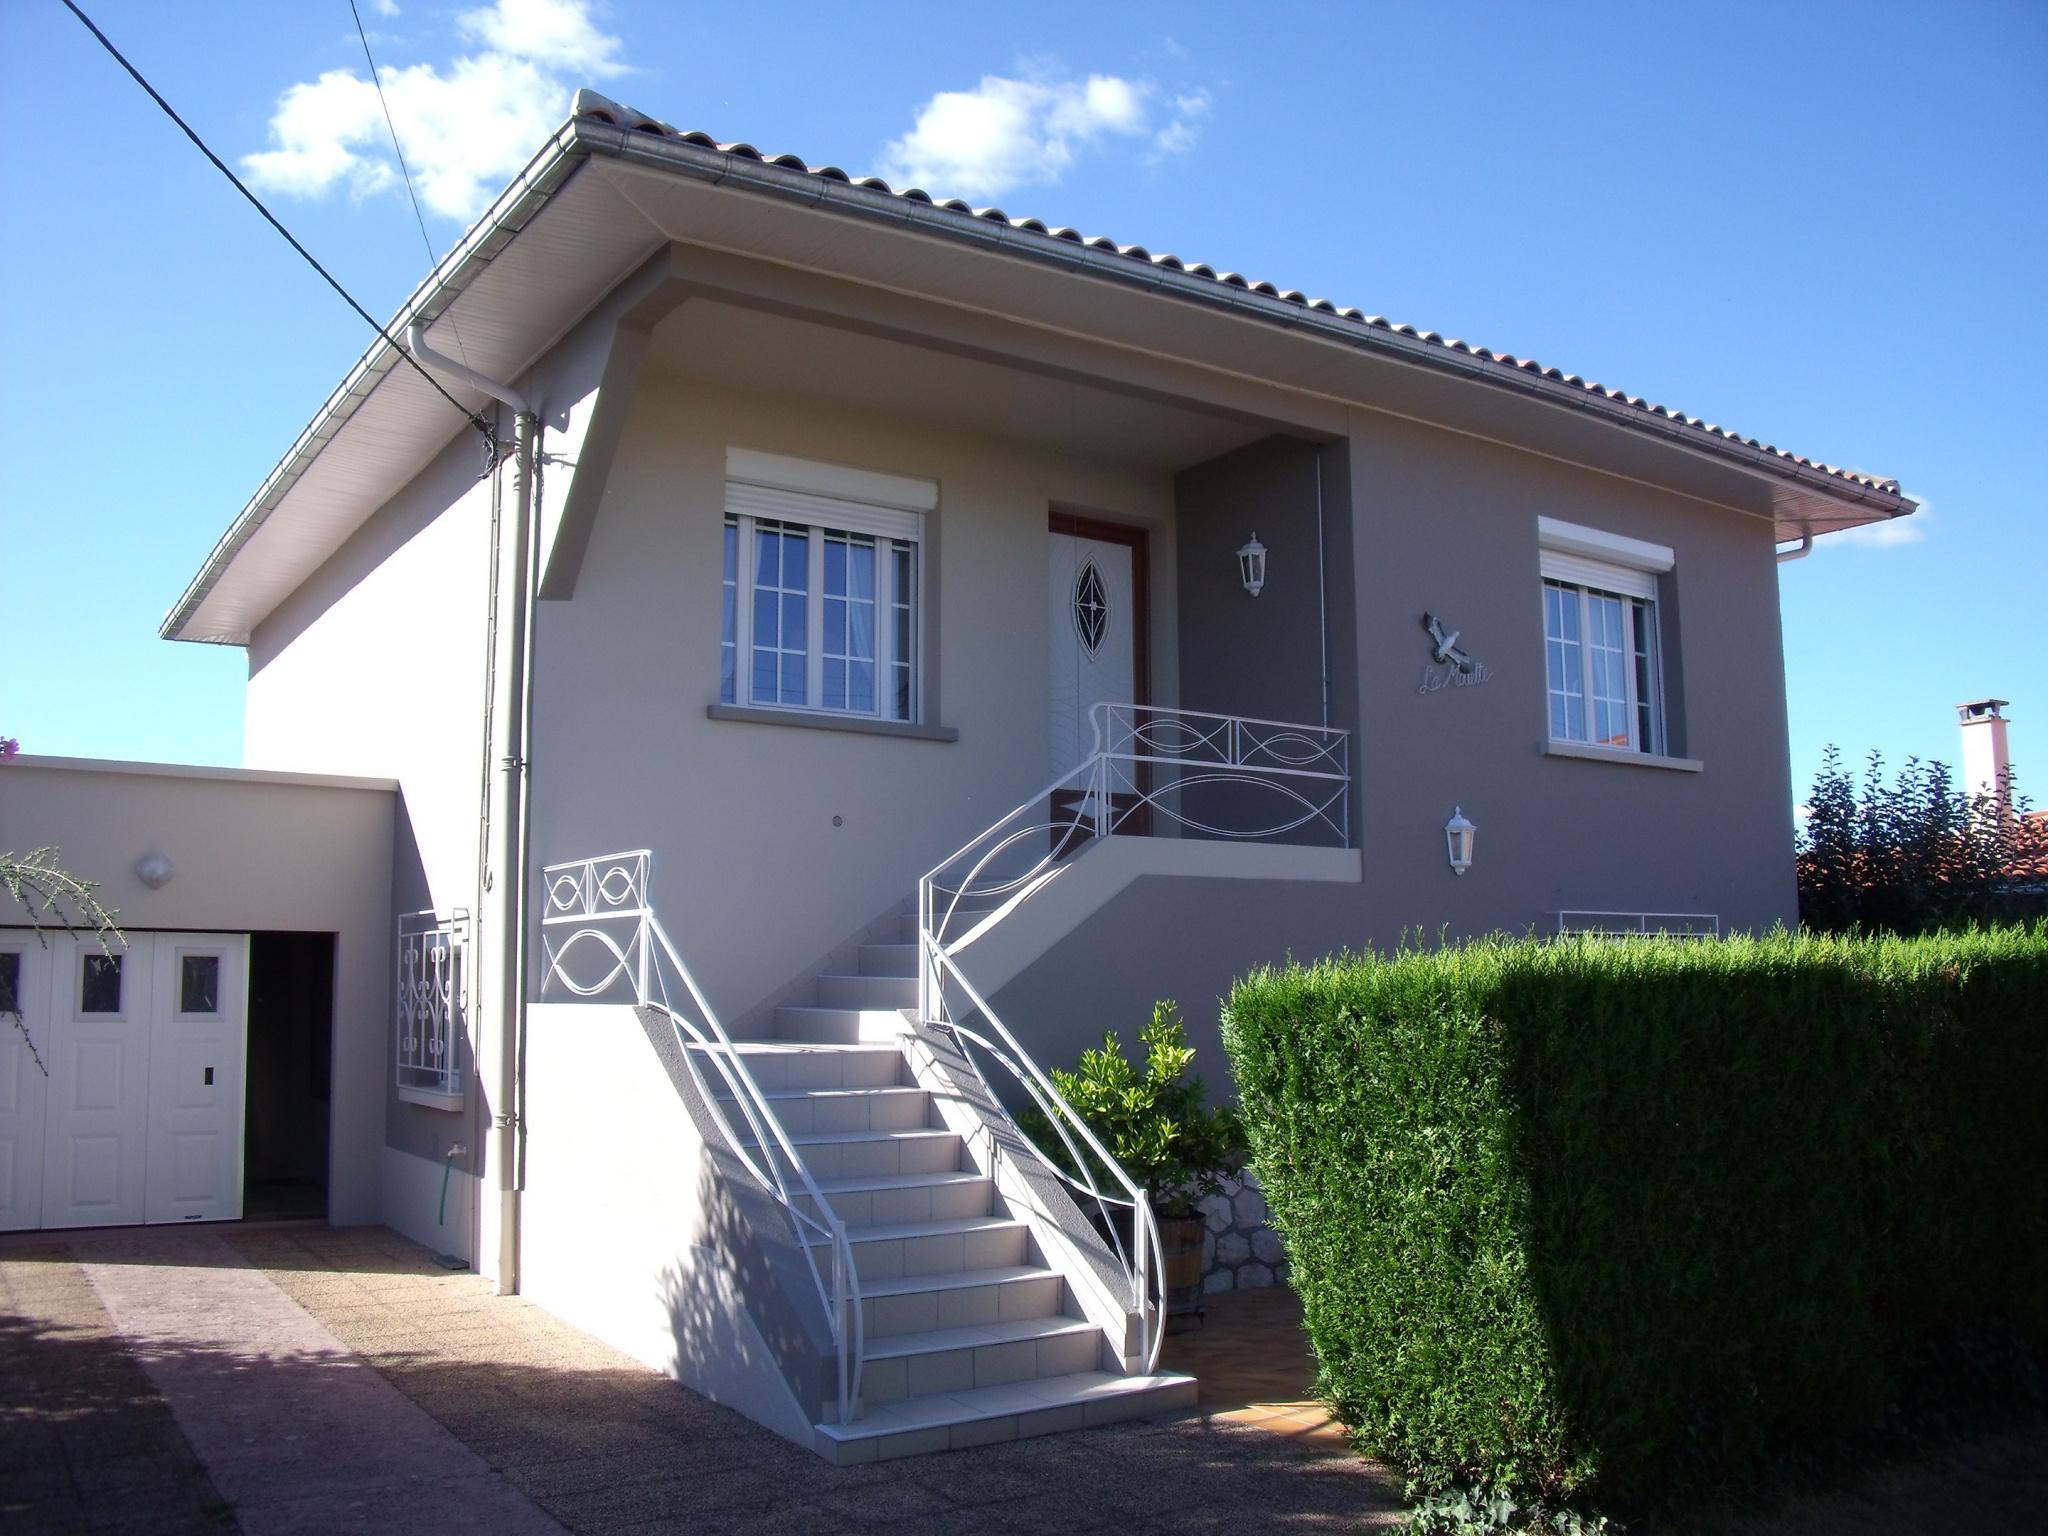 Vente maison/villa 5 pièces villeneuve sur lot 47300